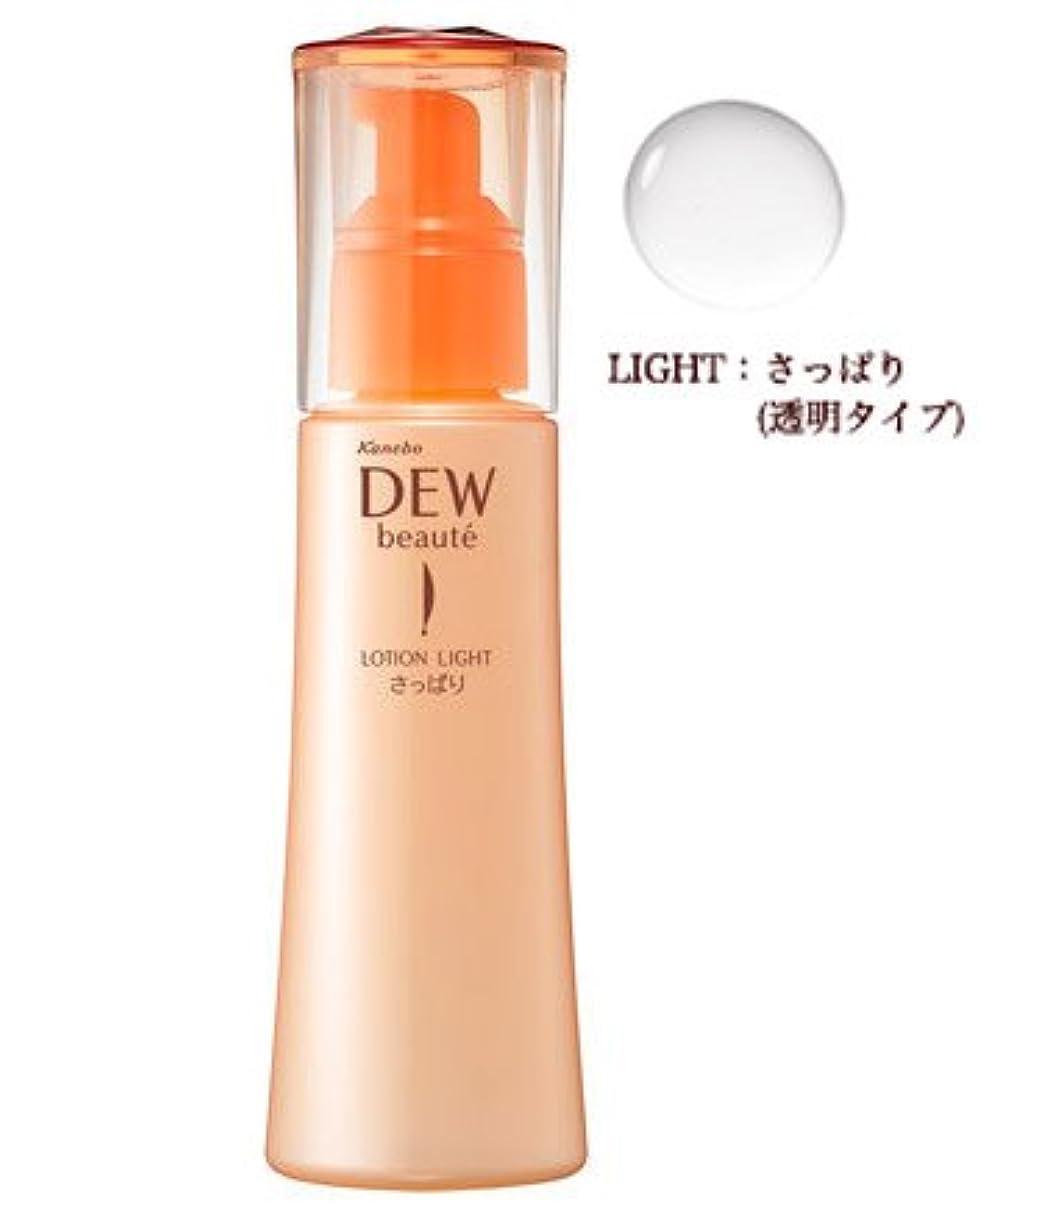 メイドマオリシマウマ【カネボウ化粧品】DEW ボーテ ローションライト 150ml